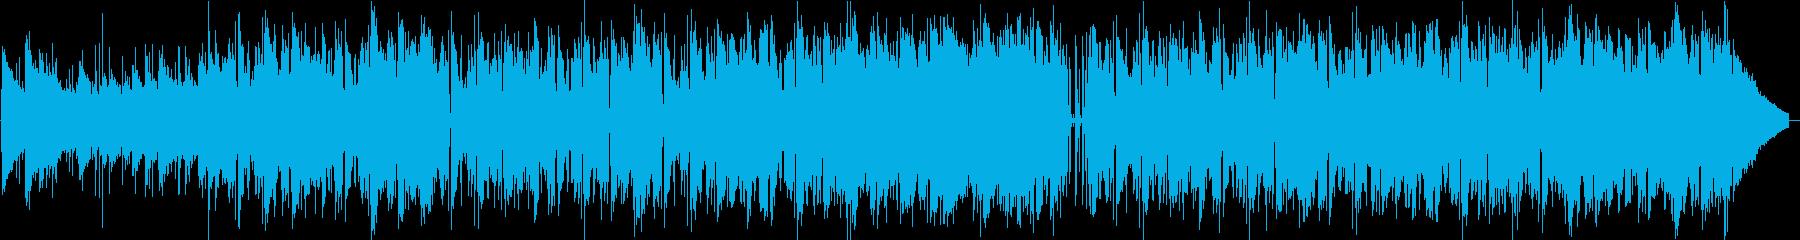 洗練された大人のムーディージャズの再生済みの波形